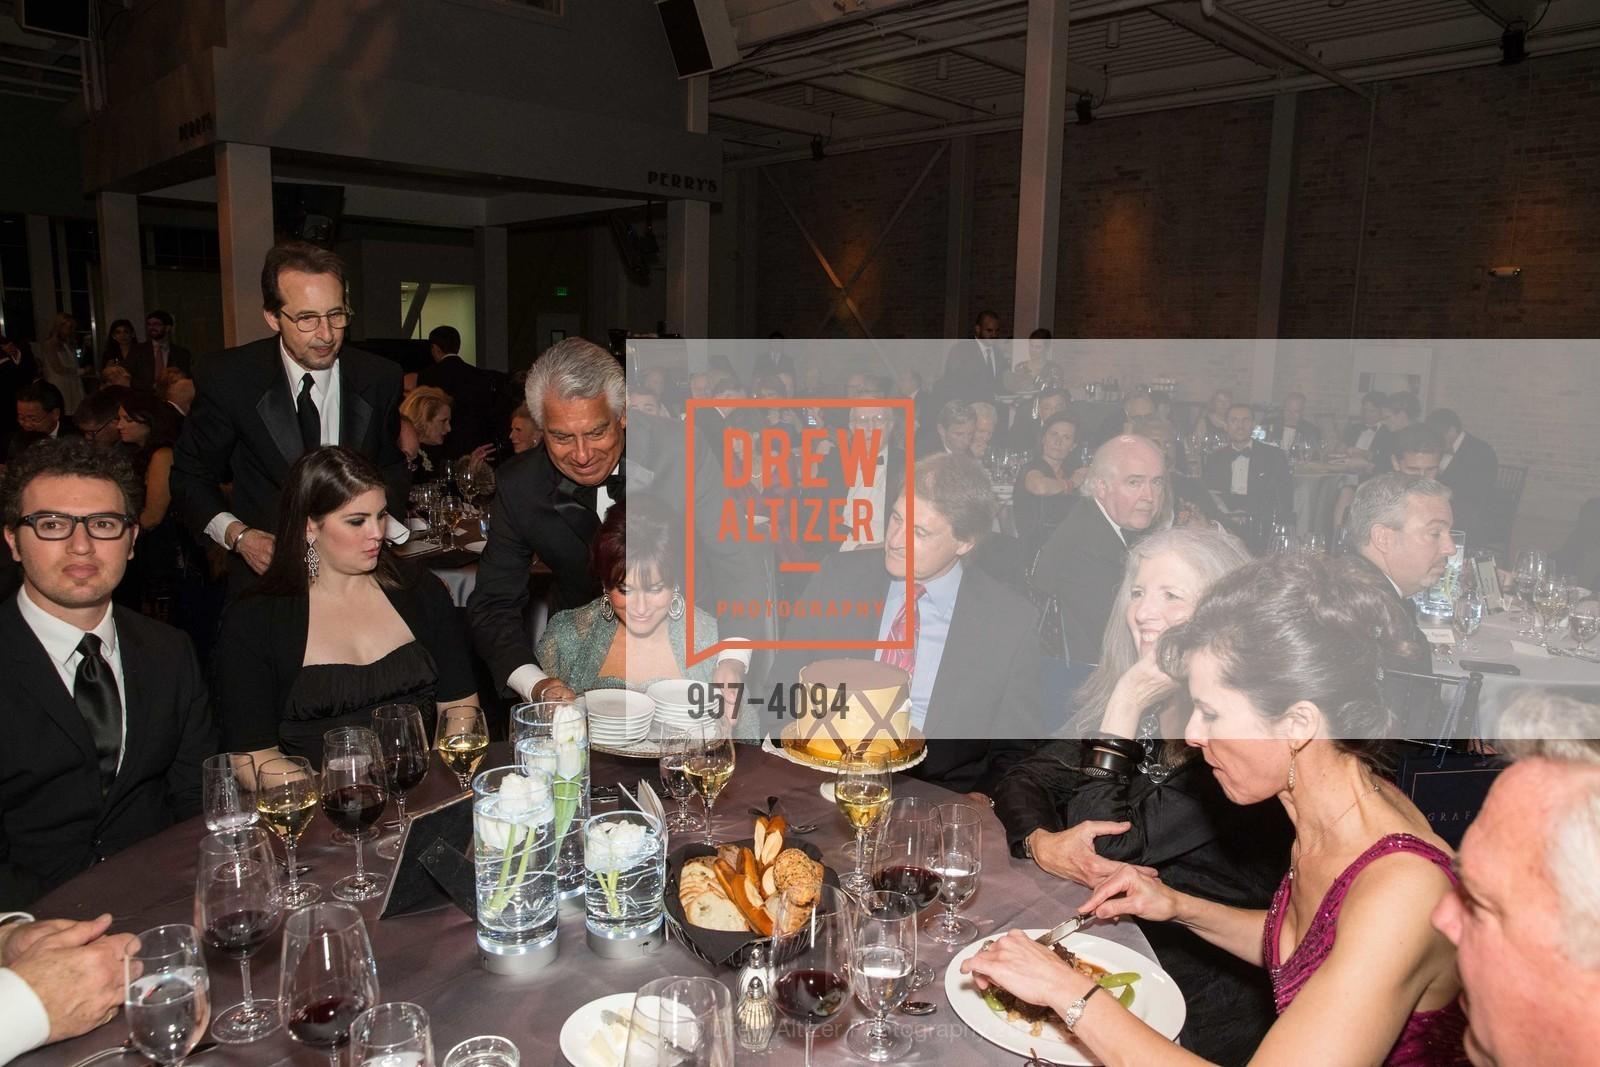 Ryan Torres, Devon La Russa, Elaine La Russa, Tony La Russa, Leah Garchik, Photo #957-4094